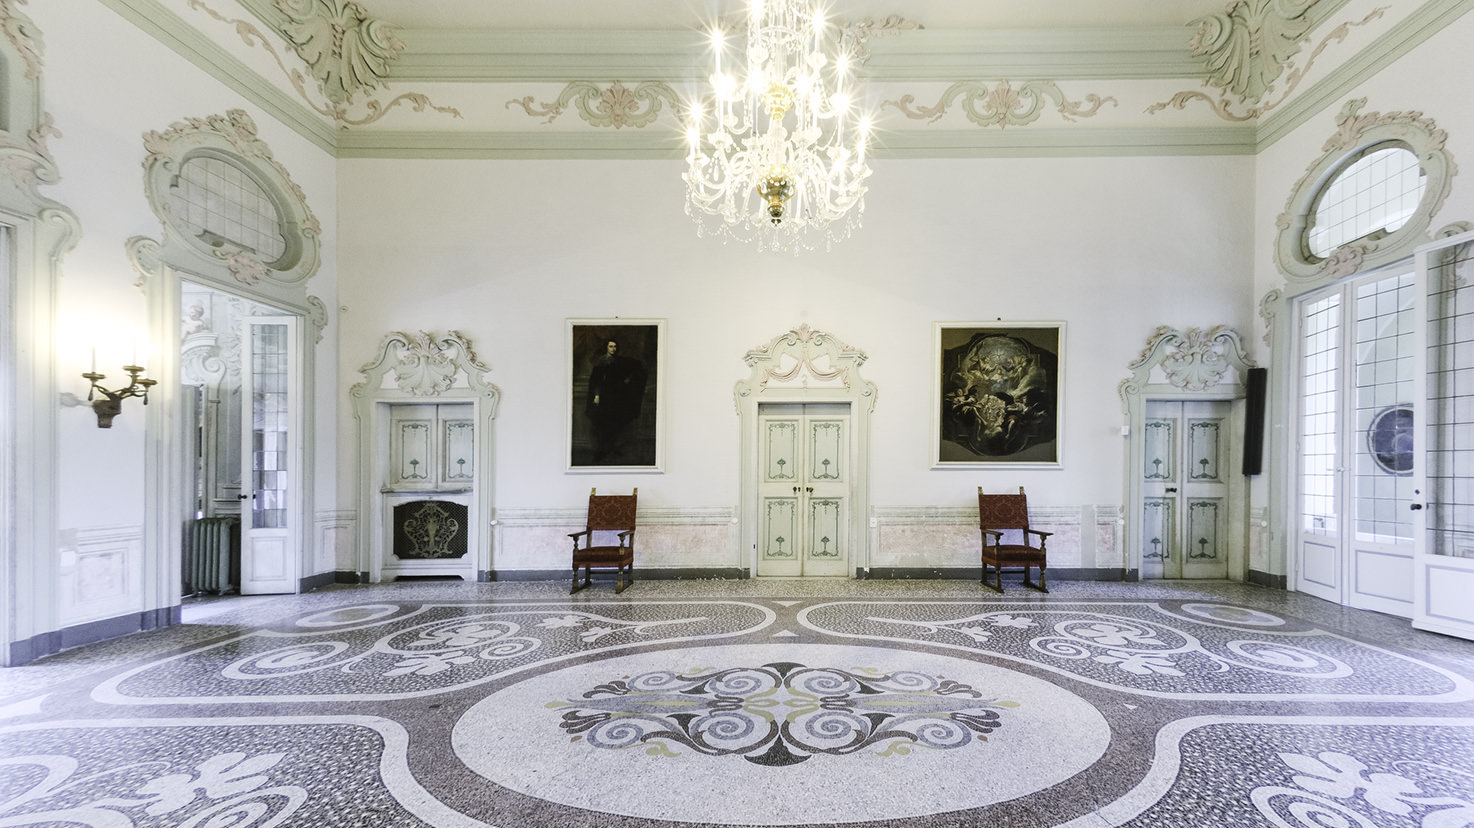 Interiors of Villa Durazzo